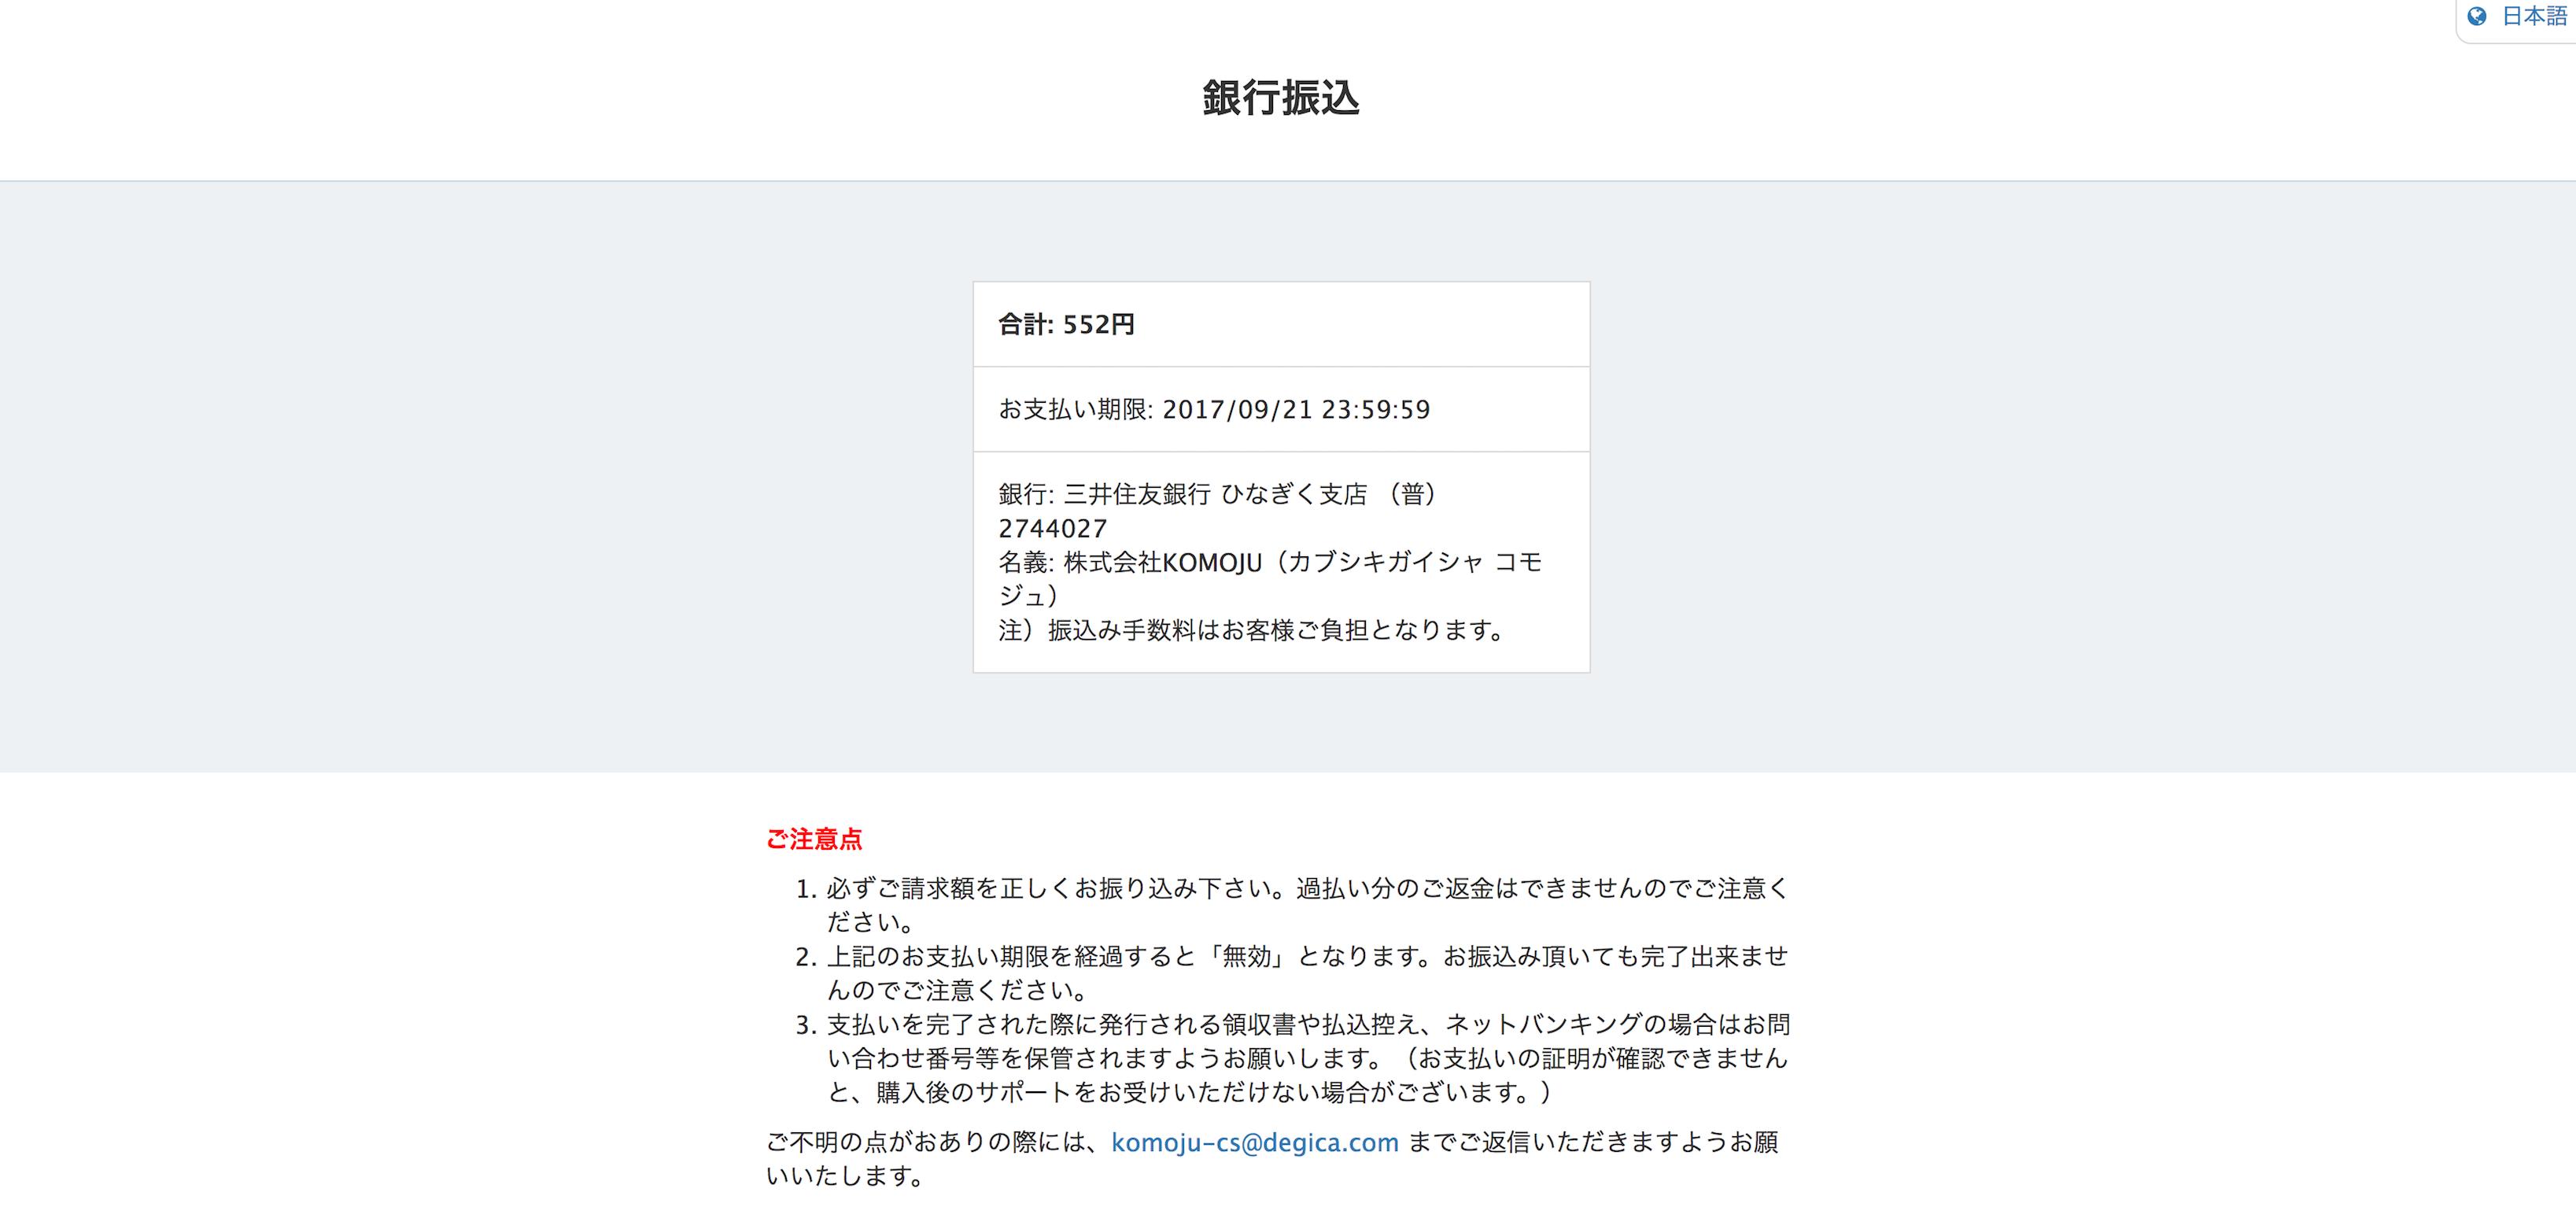 Bank Transfer Japan checkout